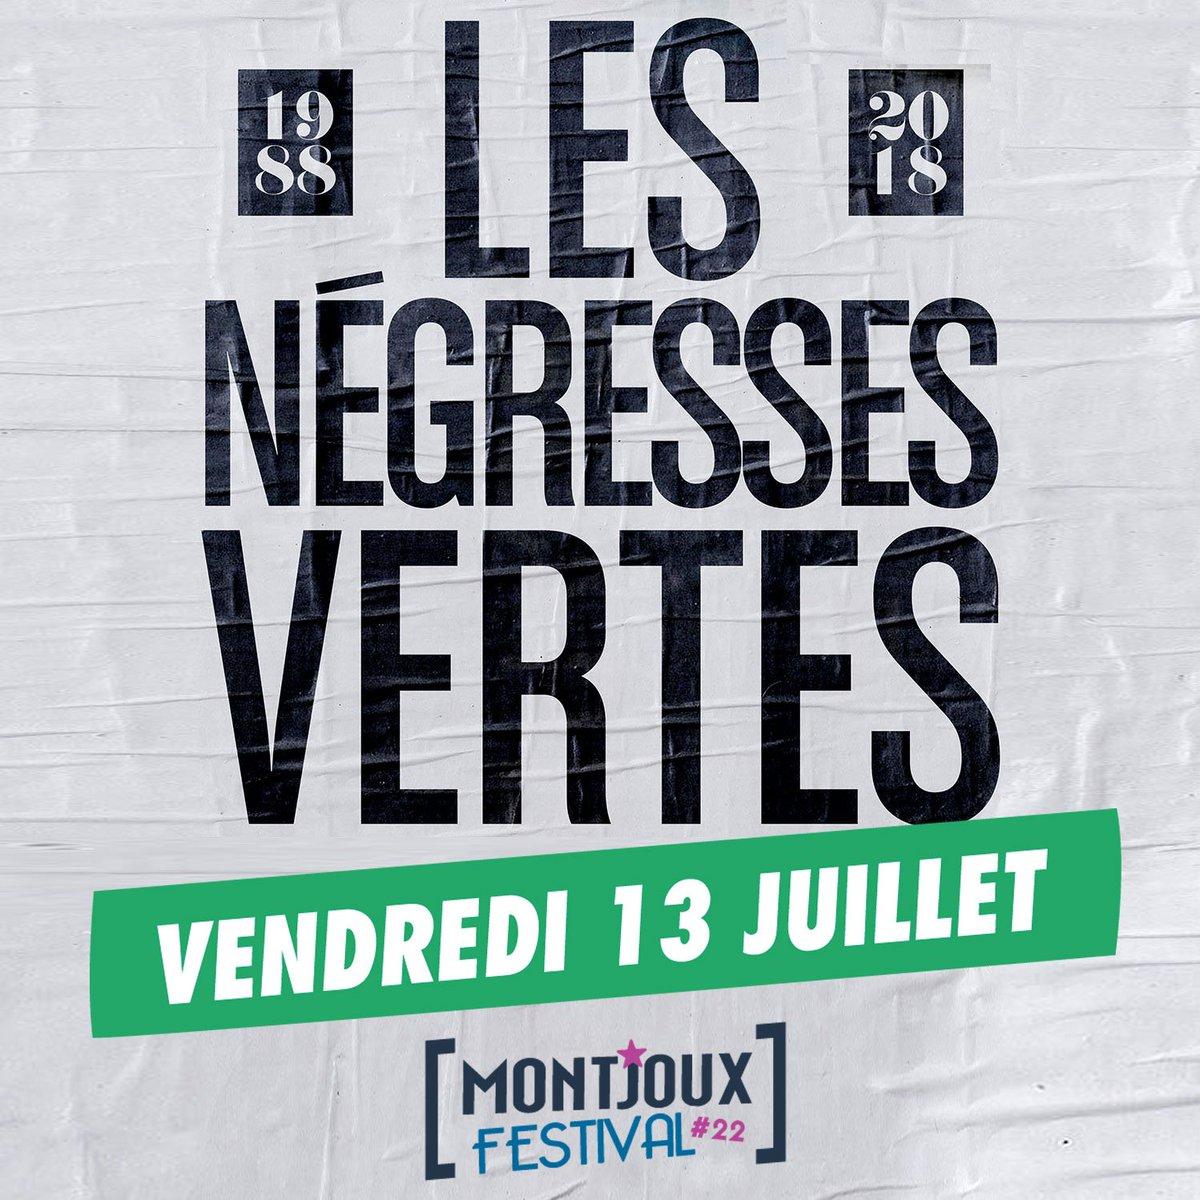 Montjoux_fest photo